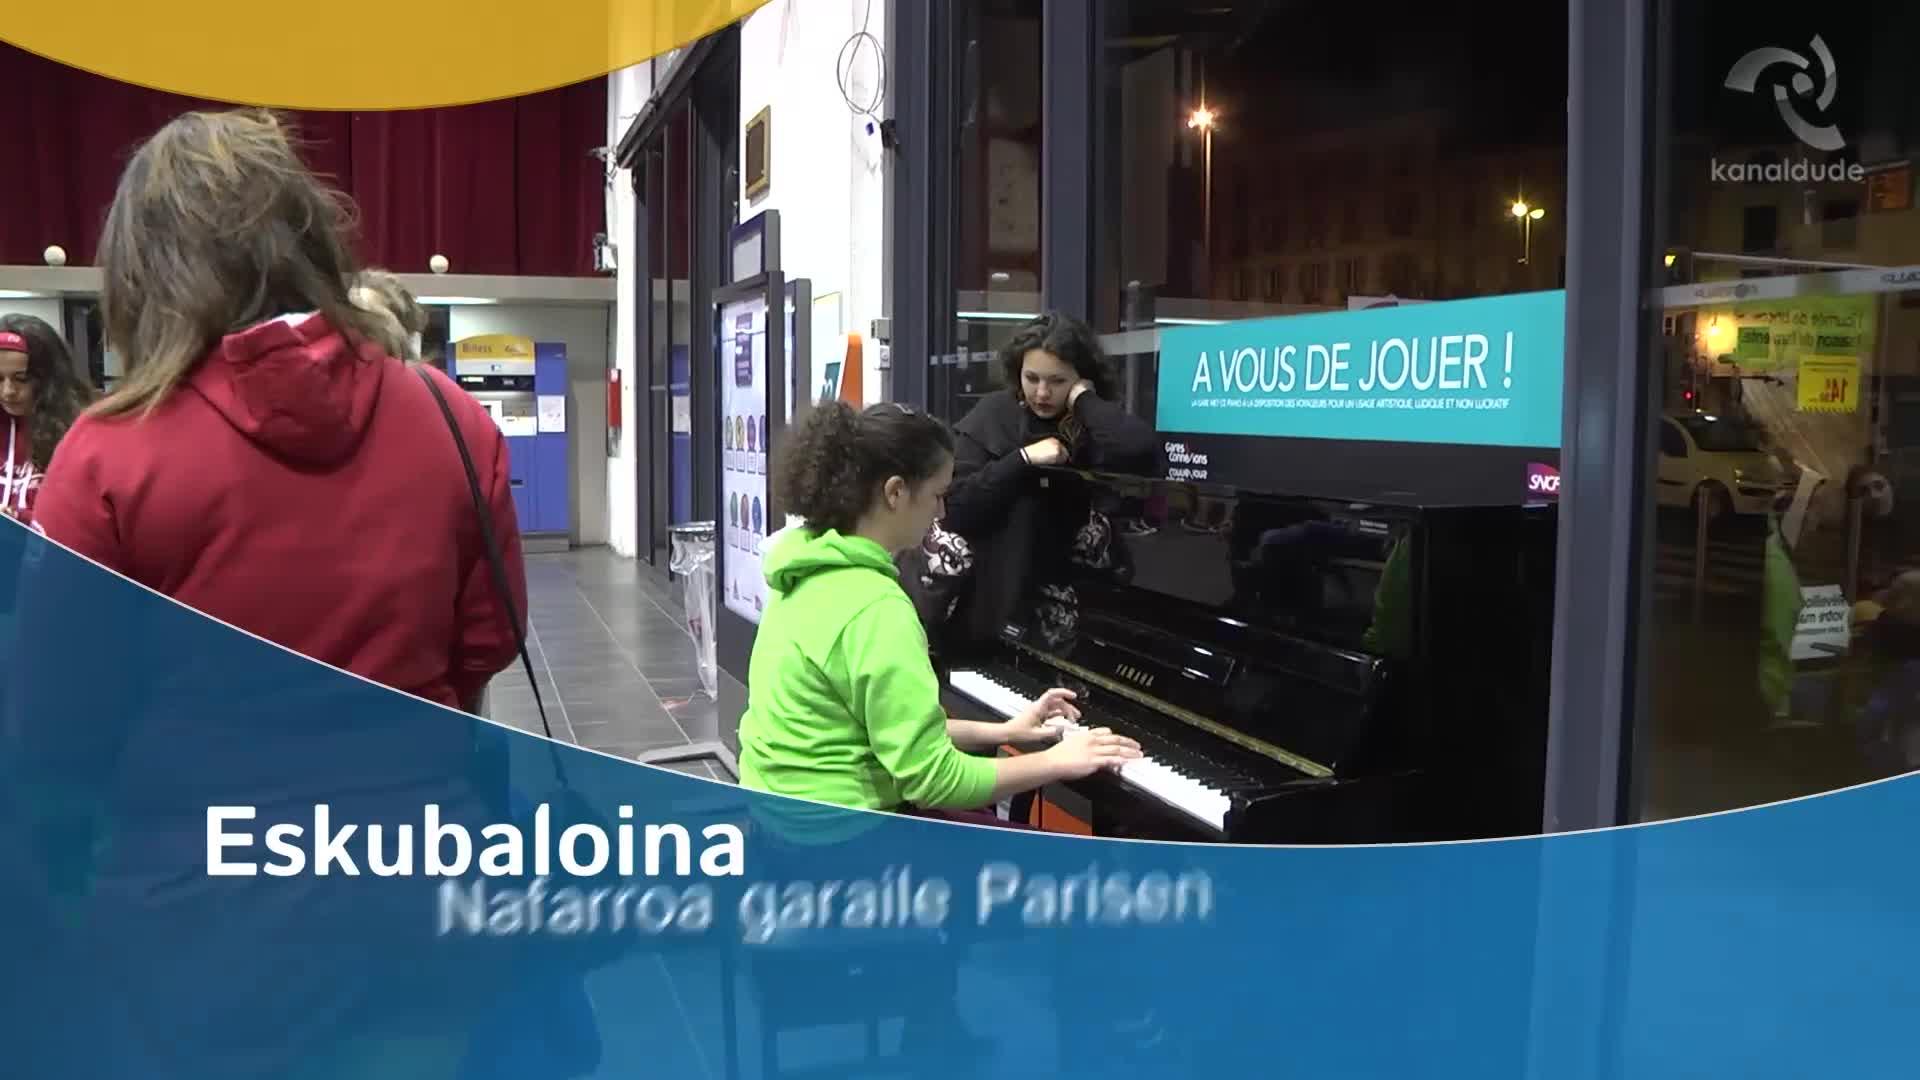 Eskubaloina Nafarroa garaile Parisen